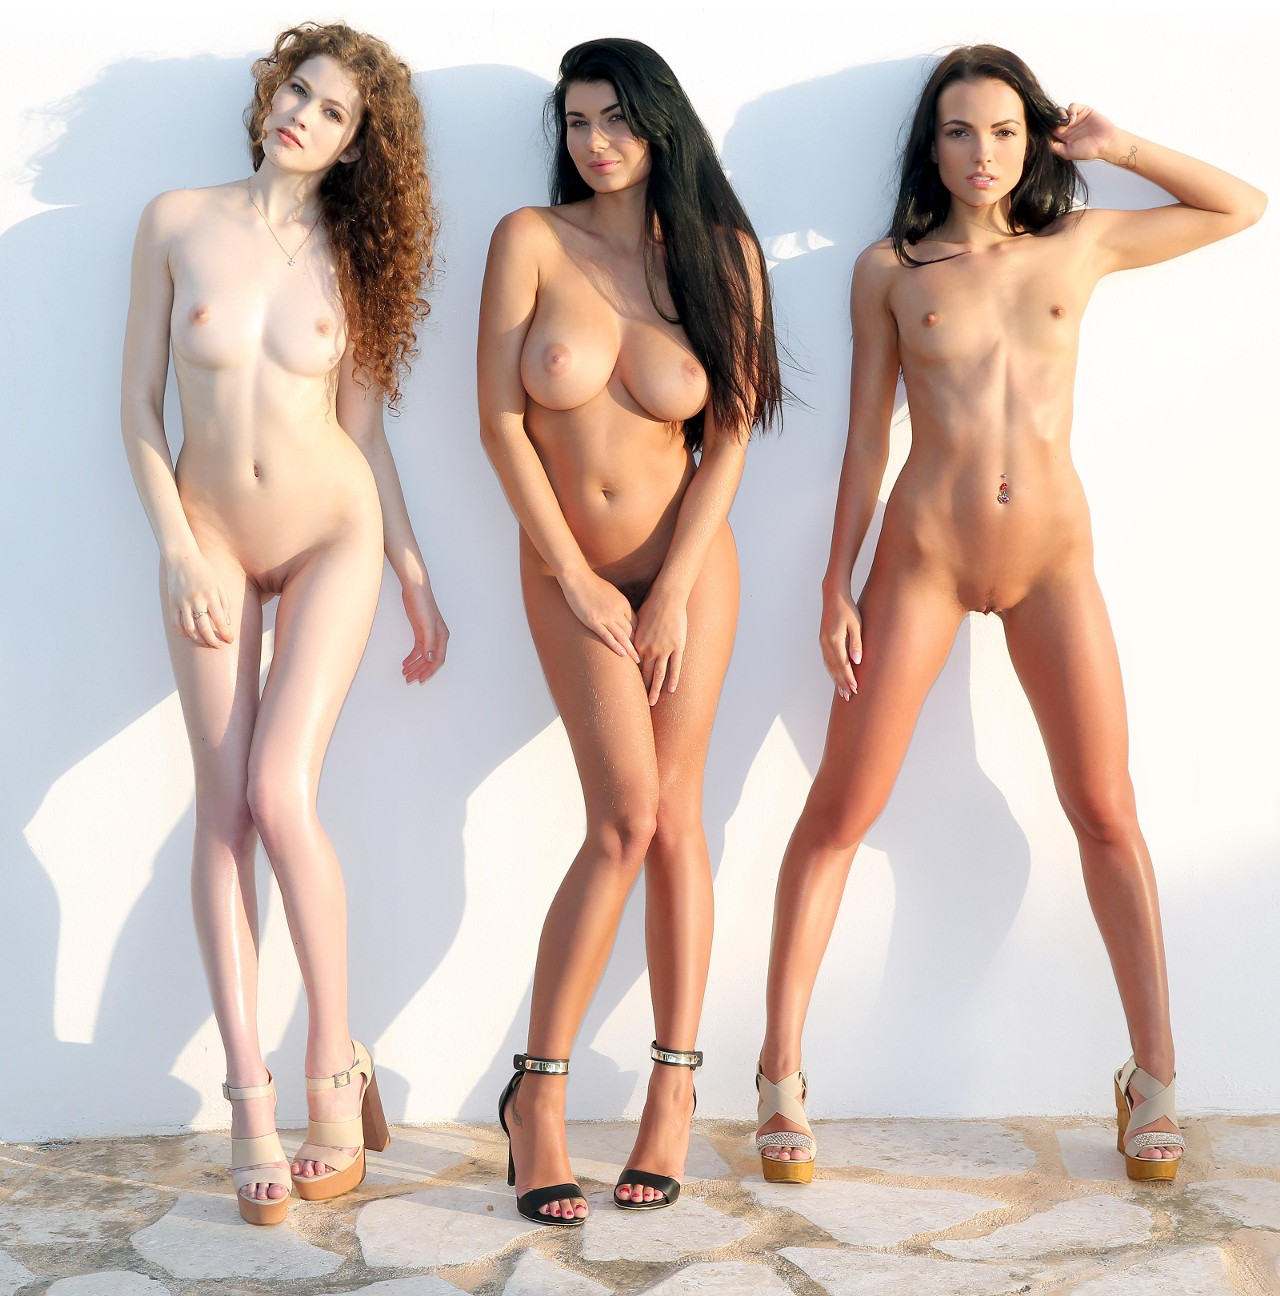 Most Beautiful Girl Nude Hd